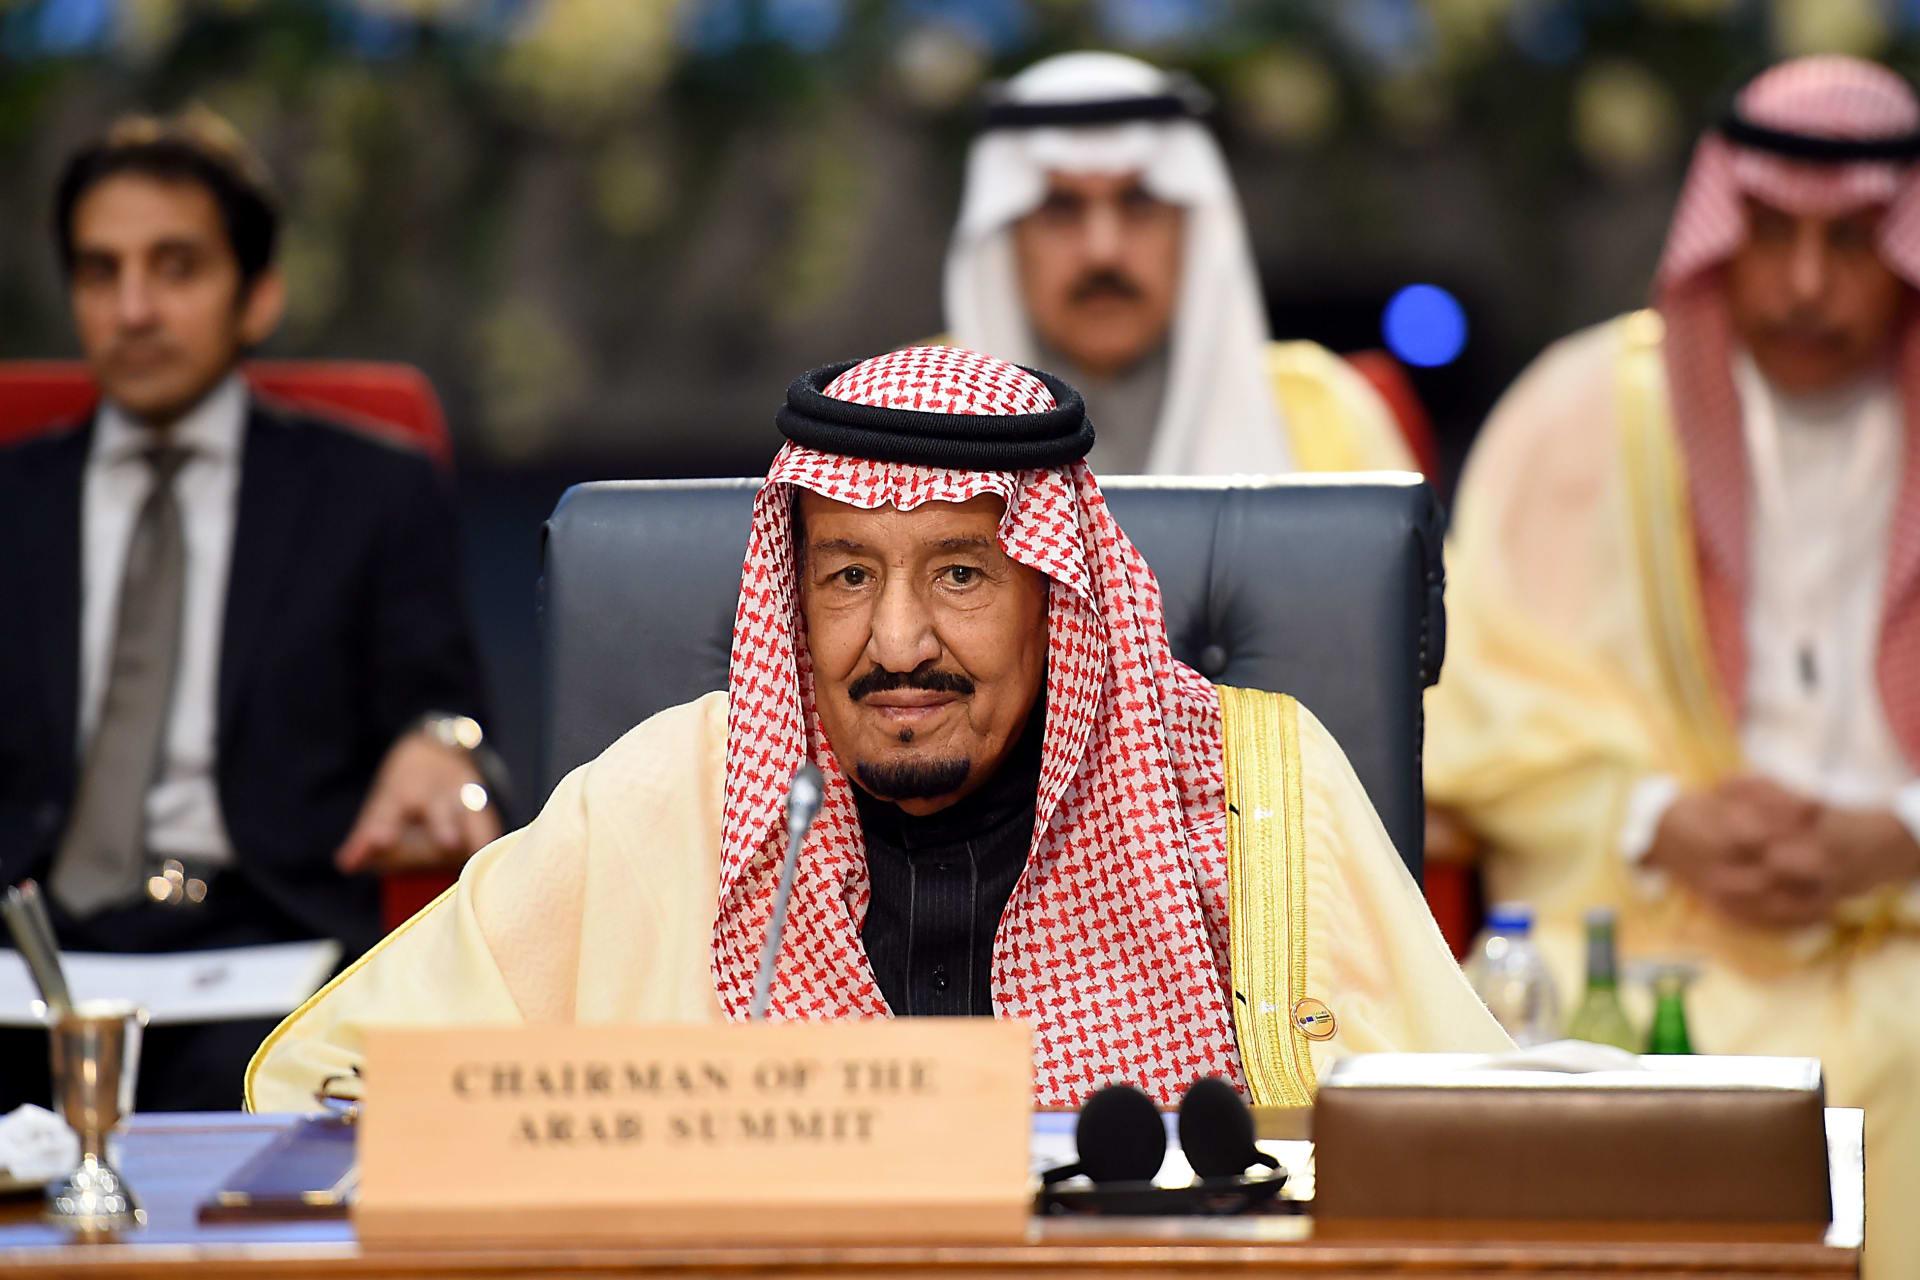 العاهل السعودي يدعو إلى صلاة استسقاء في جميع أنحاء المملكة